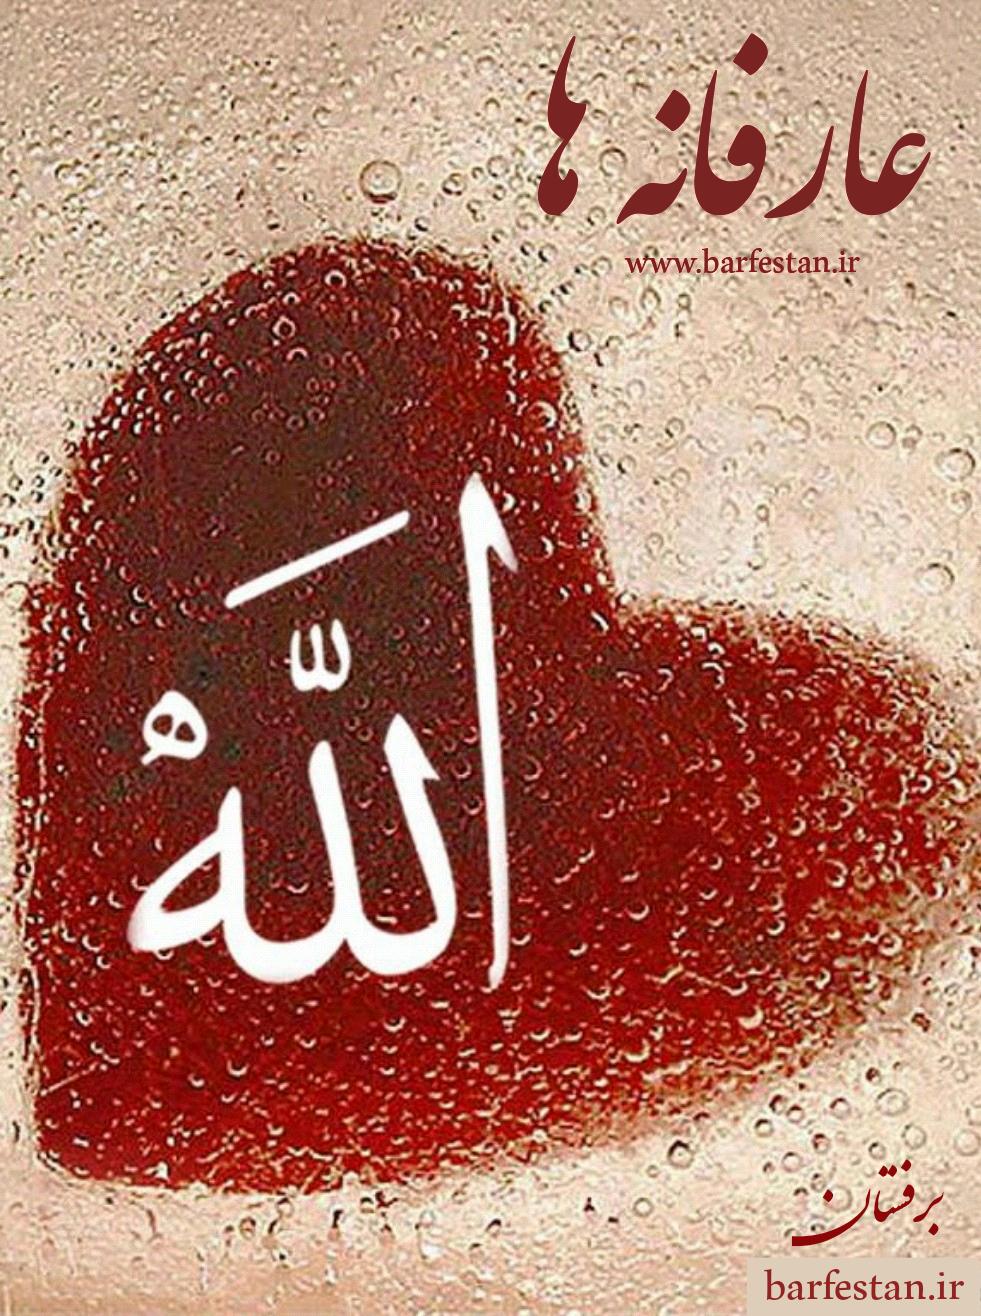 برفستان؛عارفانه، مناجات؛قسمت سیزدهم